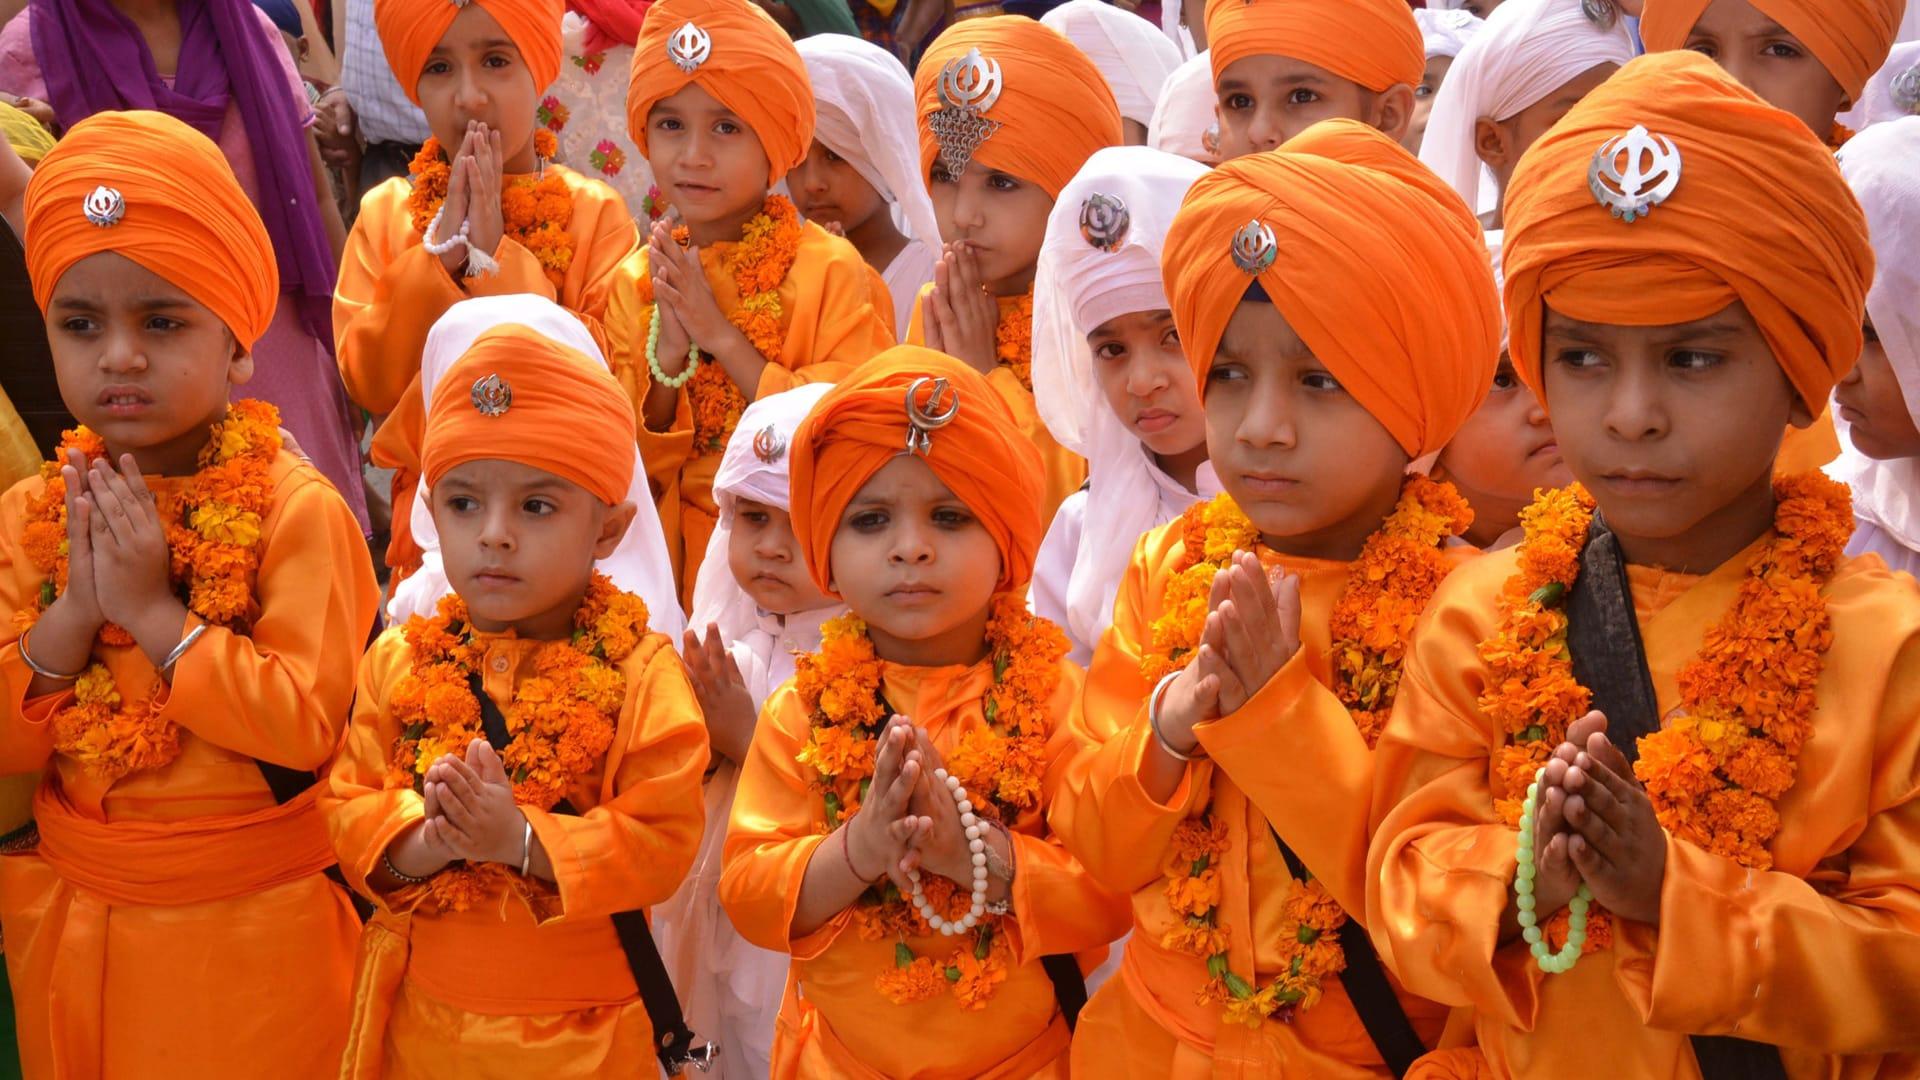 الصيام..تقاليد وممارسات روحانية وطرق عبادة مختلفة بين دين وآخر